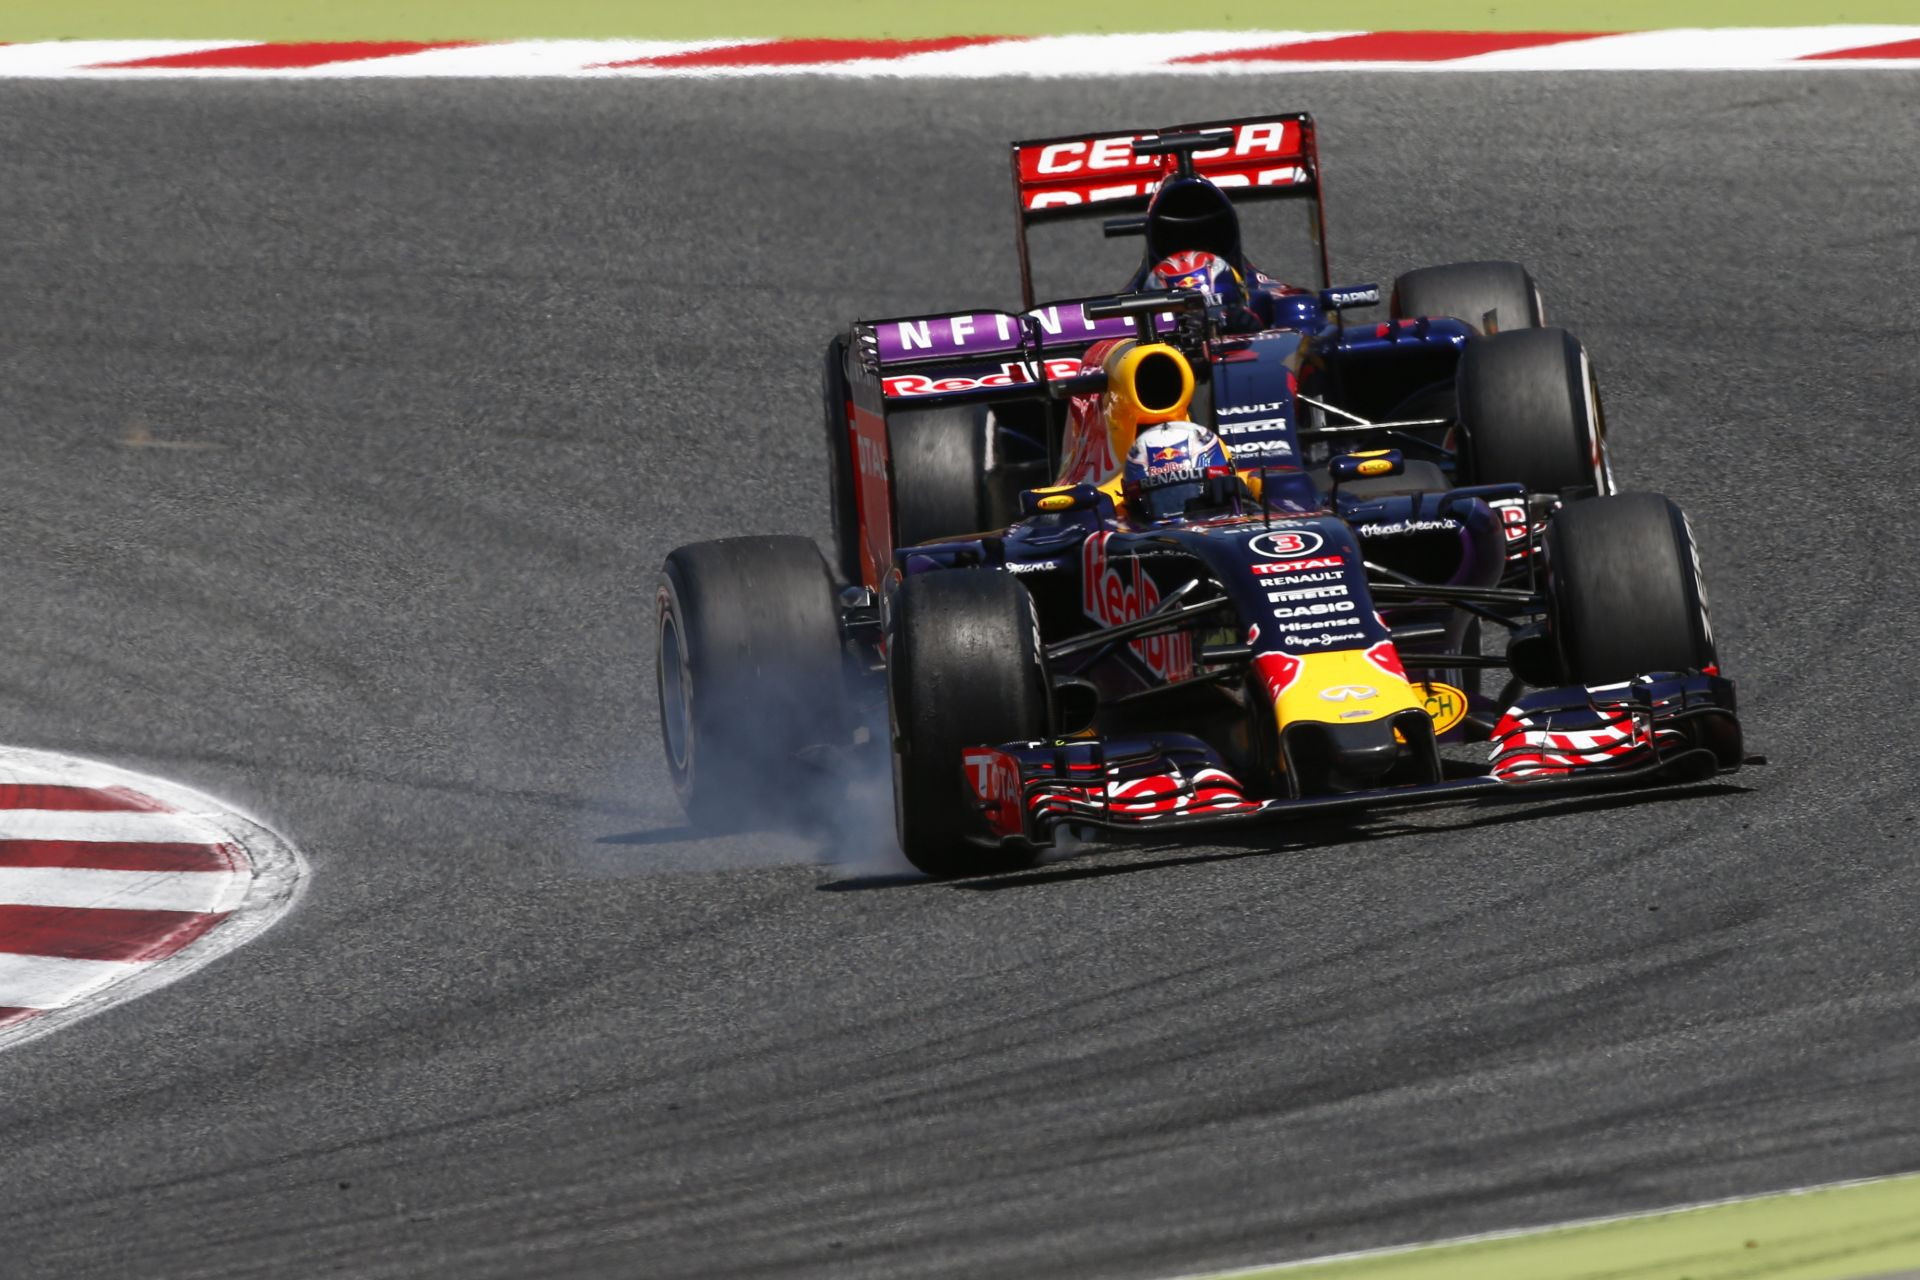 A Red Bull készen áll Verstappen 2016-os előléptetésére!